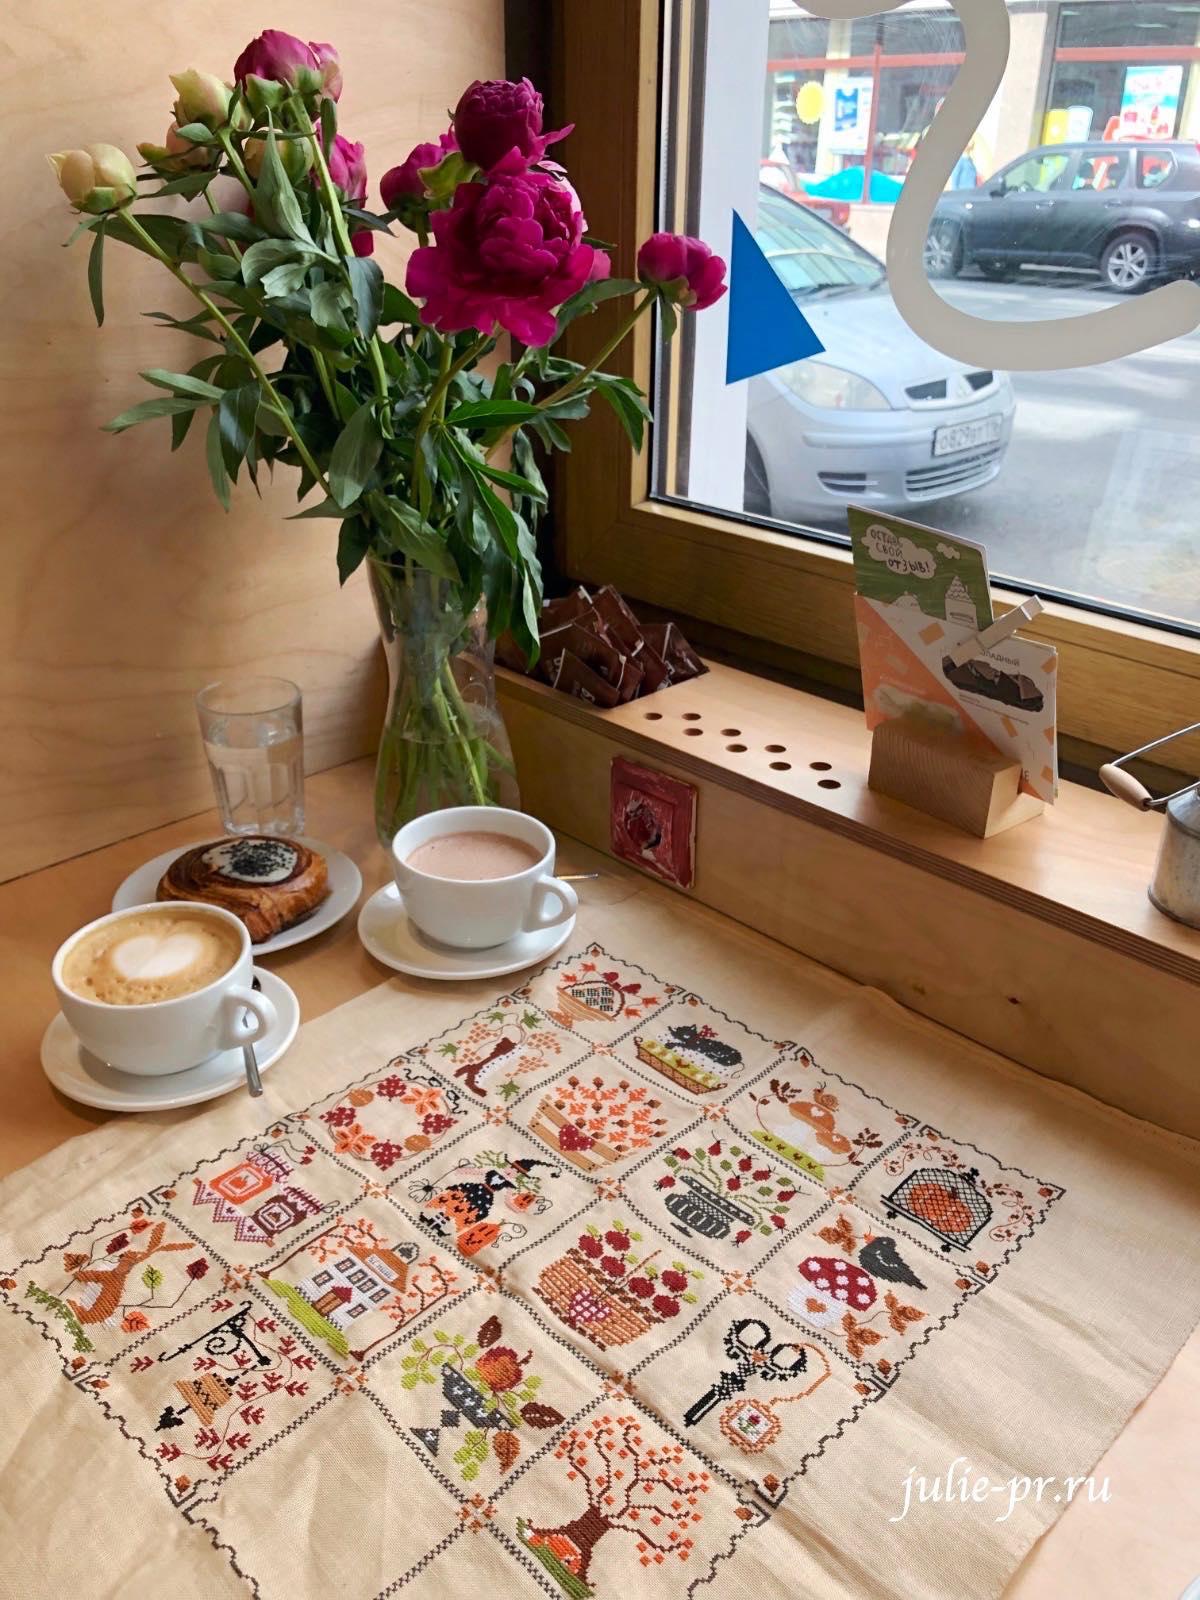 вышивка крестом, Cuore e batticuore - Shabby Autumn Calendar, осенний шебби календарь, буше, вышивка и кофе